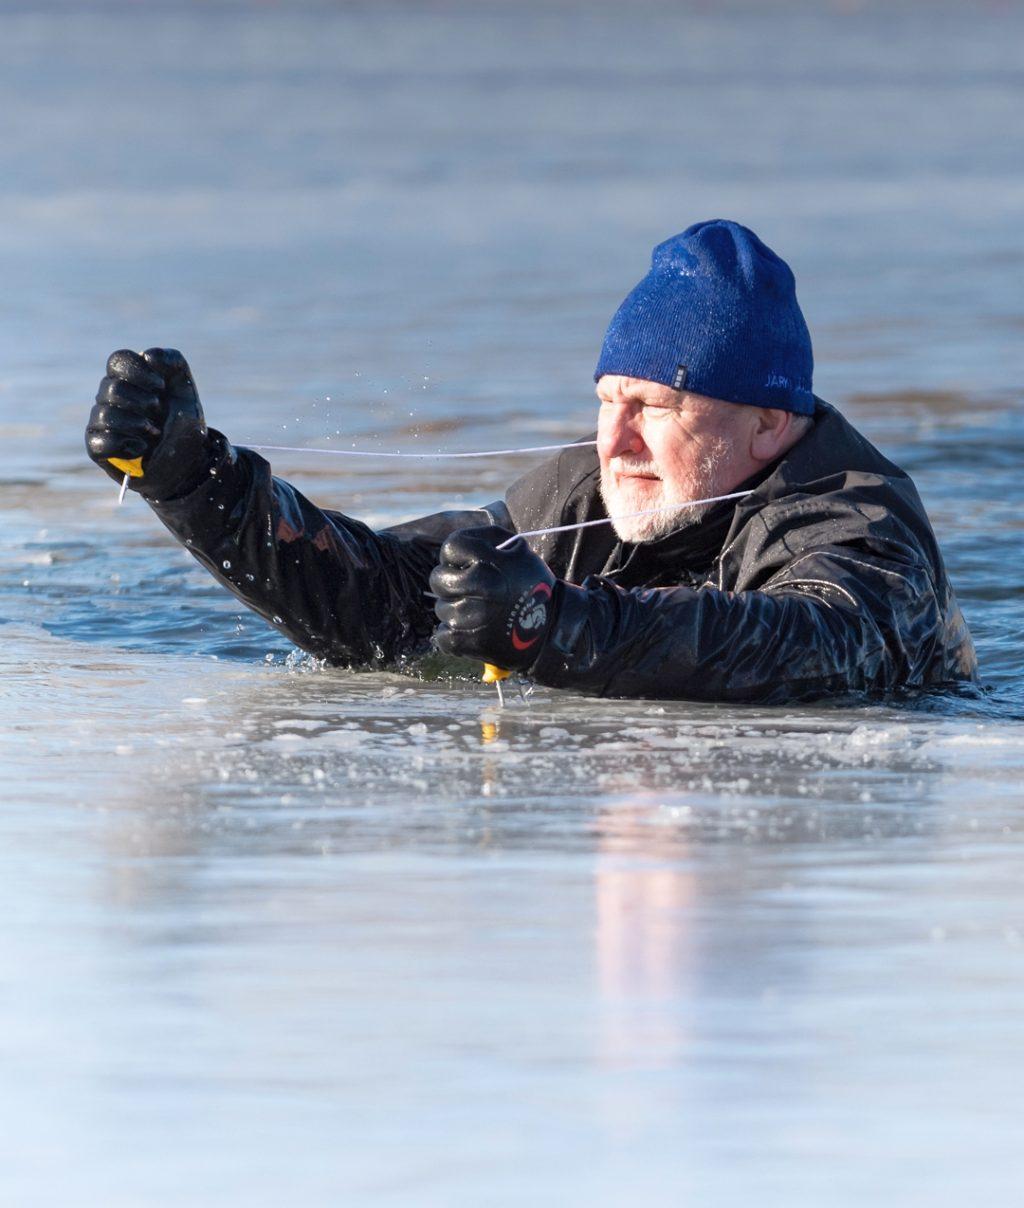 Loimun puheenjohtaja Jouni Vainio pelastautuu avannosta jäänaskalien avulla.